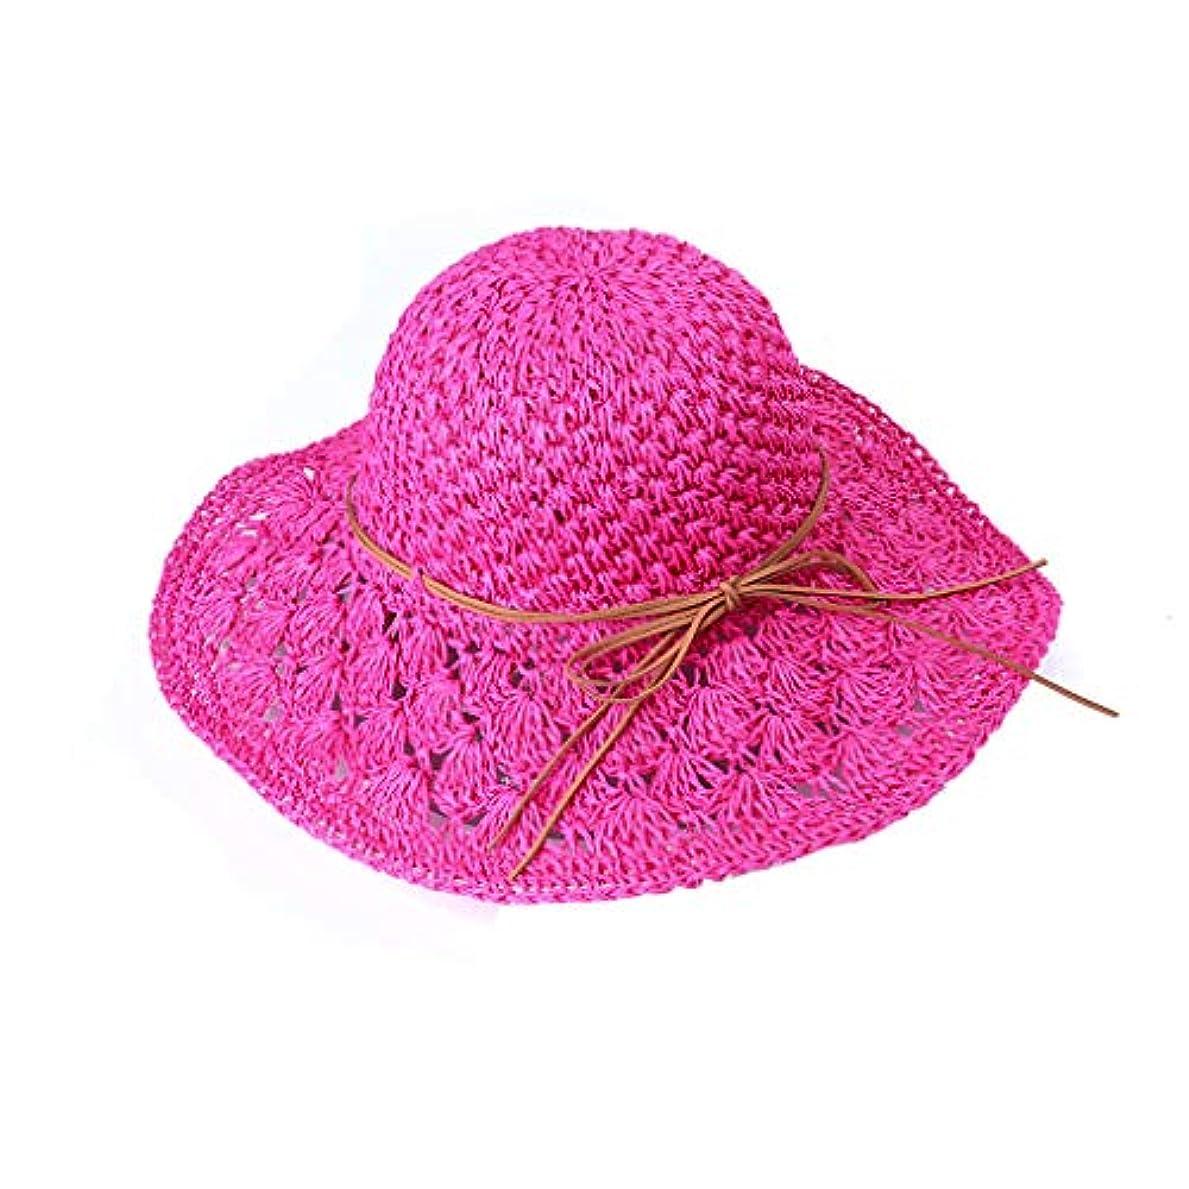 サミュエル自伝非互換帽子 レディース UVカット uv帽 熱中症予防 広幅 取り外すあご紐 スナップ収納 折りたたみ つば広 調節テープ 吸汗通気 つば広 紫外線カット サファリハット 紫外線対策 おしゃれ 高級感 ROSE ROMAN